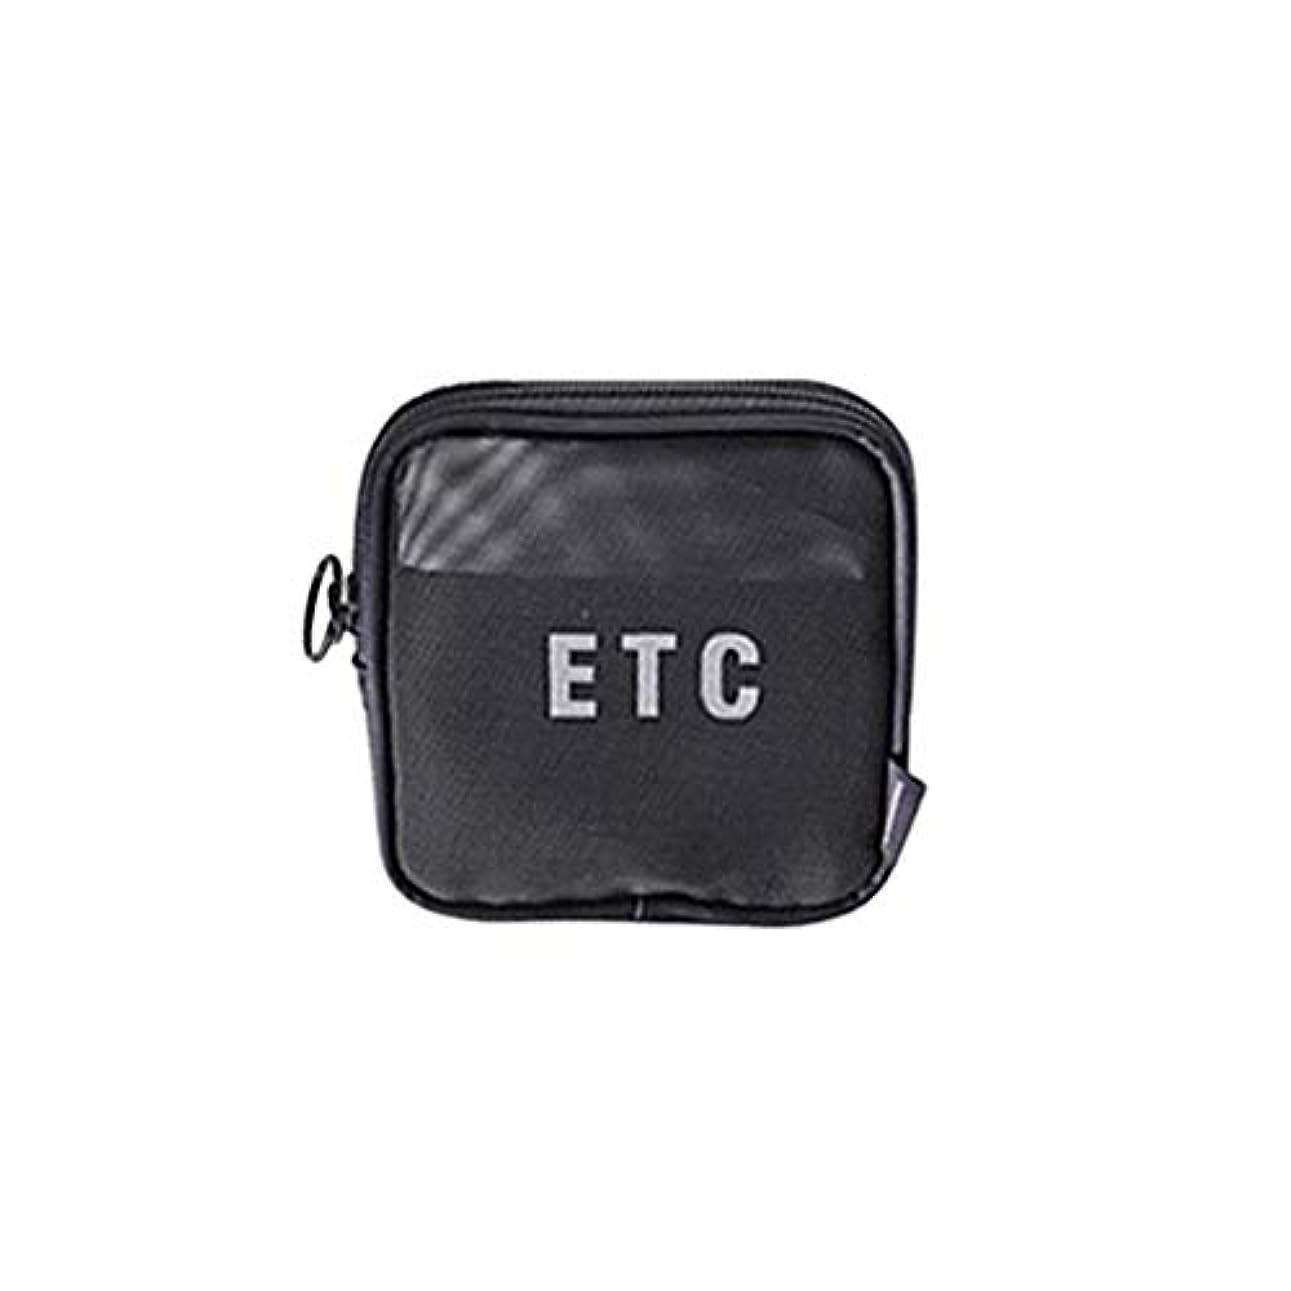 ドループアクセント請願者メイクバッグ Akane ETC 新しい ネット アウトドア 実用的 高品質 多機能 通気 半透明 便利 家用 旅行 ビーチ 化粧バッグ (スモールサイズ)